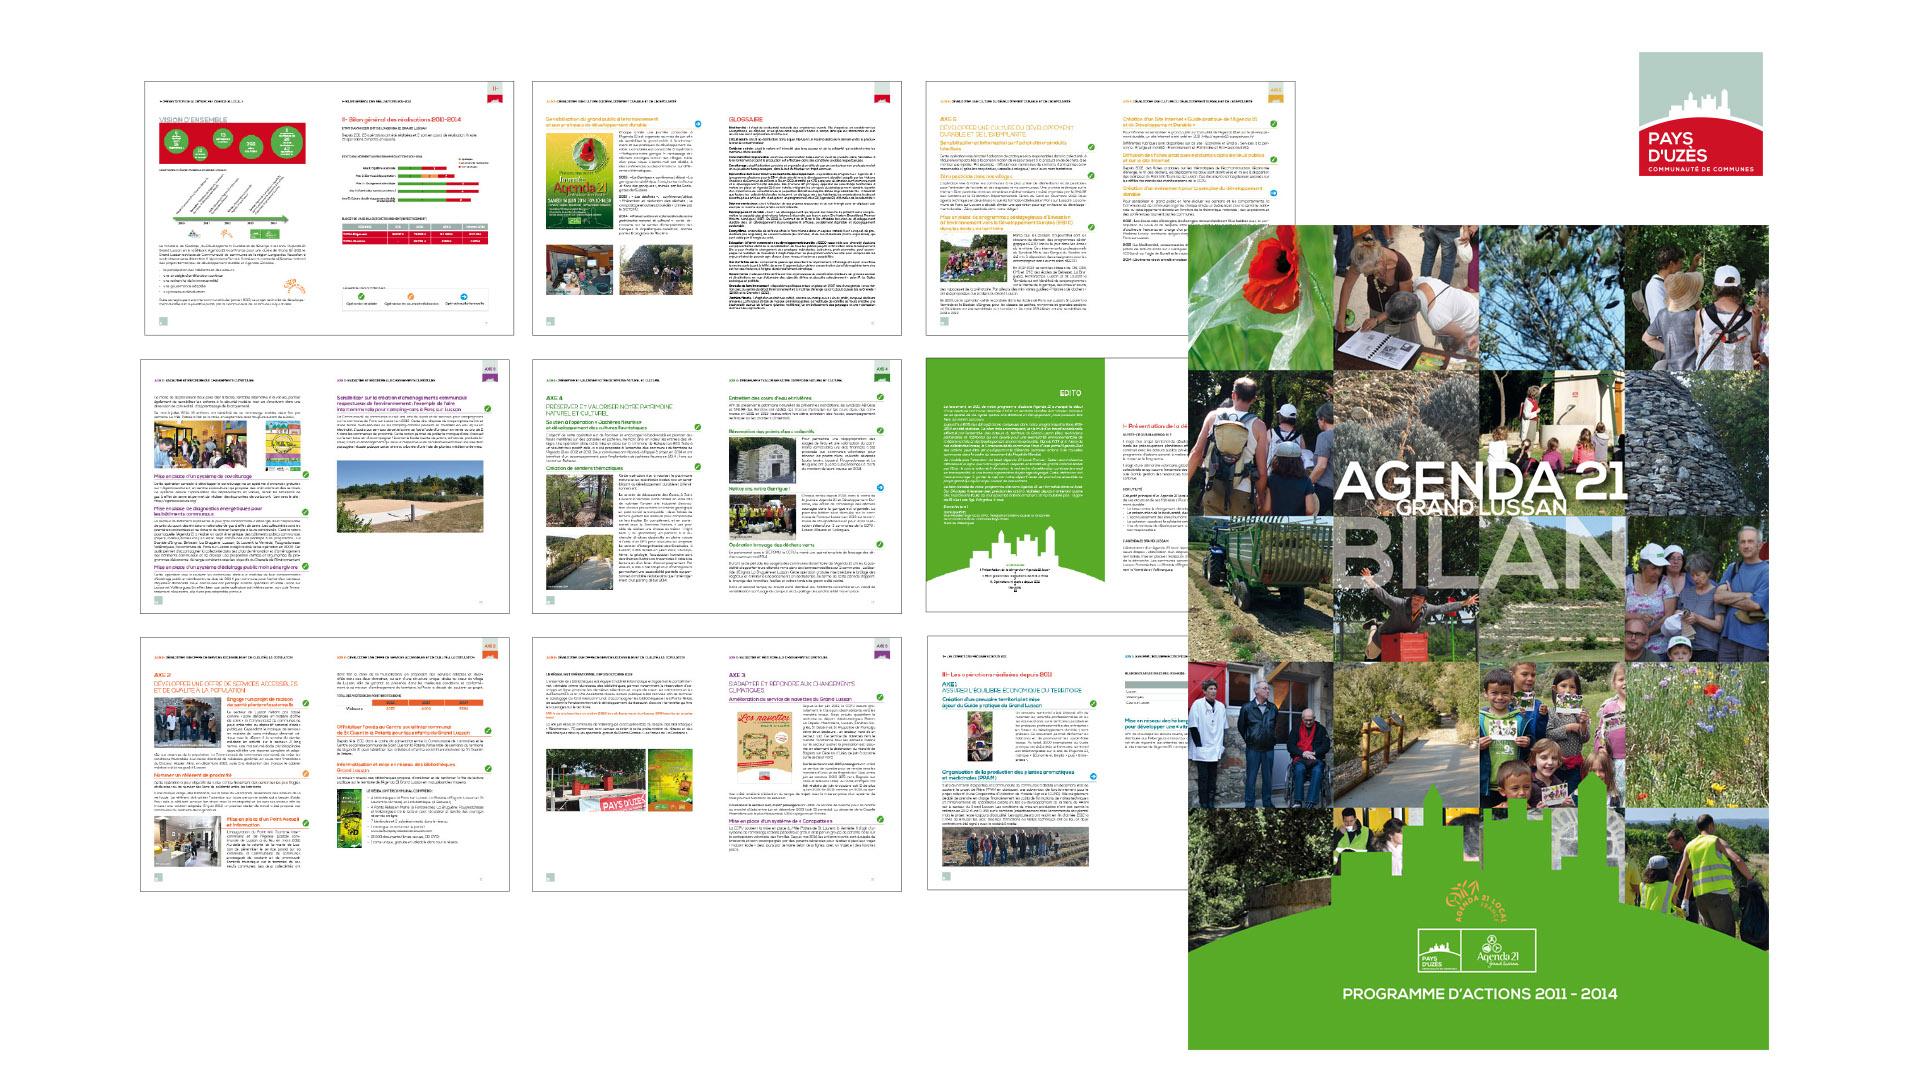 agenda 21 ccpu-2